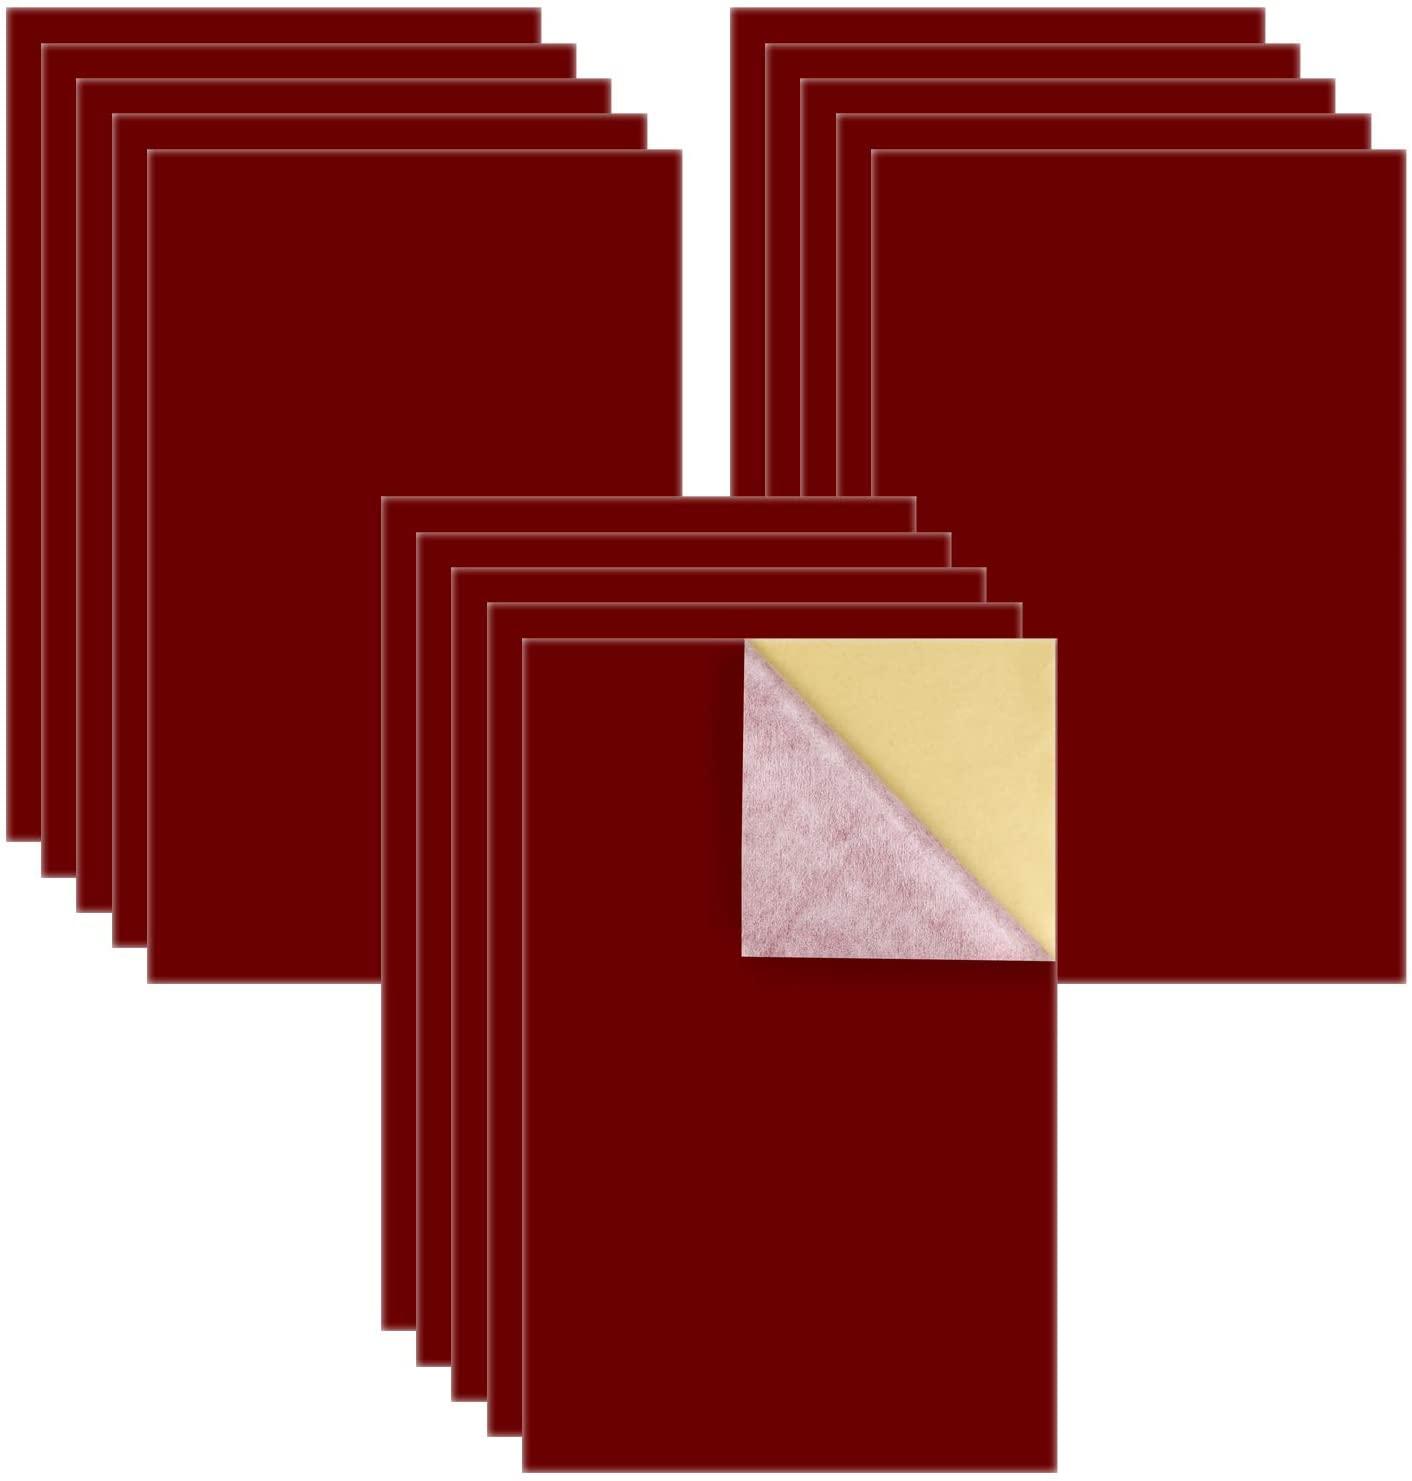 15PCS 레드 벨벳 패브릭 끈적 끈적한 다시 접착제 백 시트 보석 서랍 공예 직물과 공예 제작을위한 셀프 접착제 벨벳 패브릭 (8.3 X 11.8) A4 시트